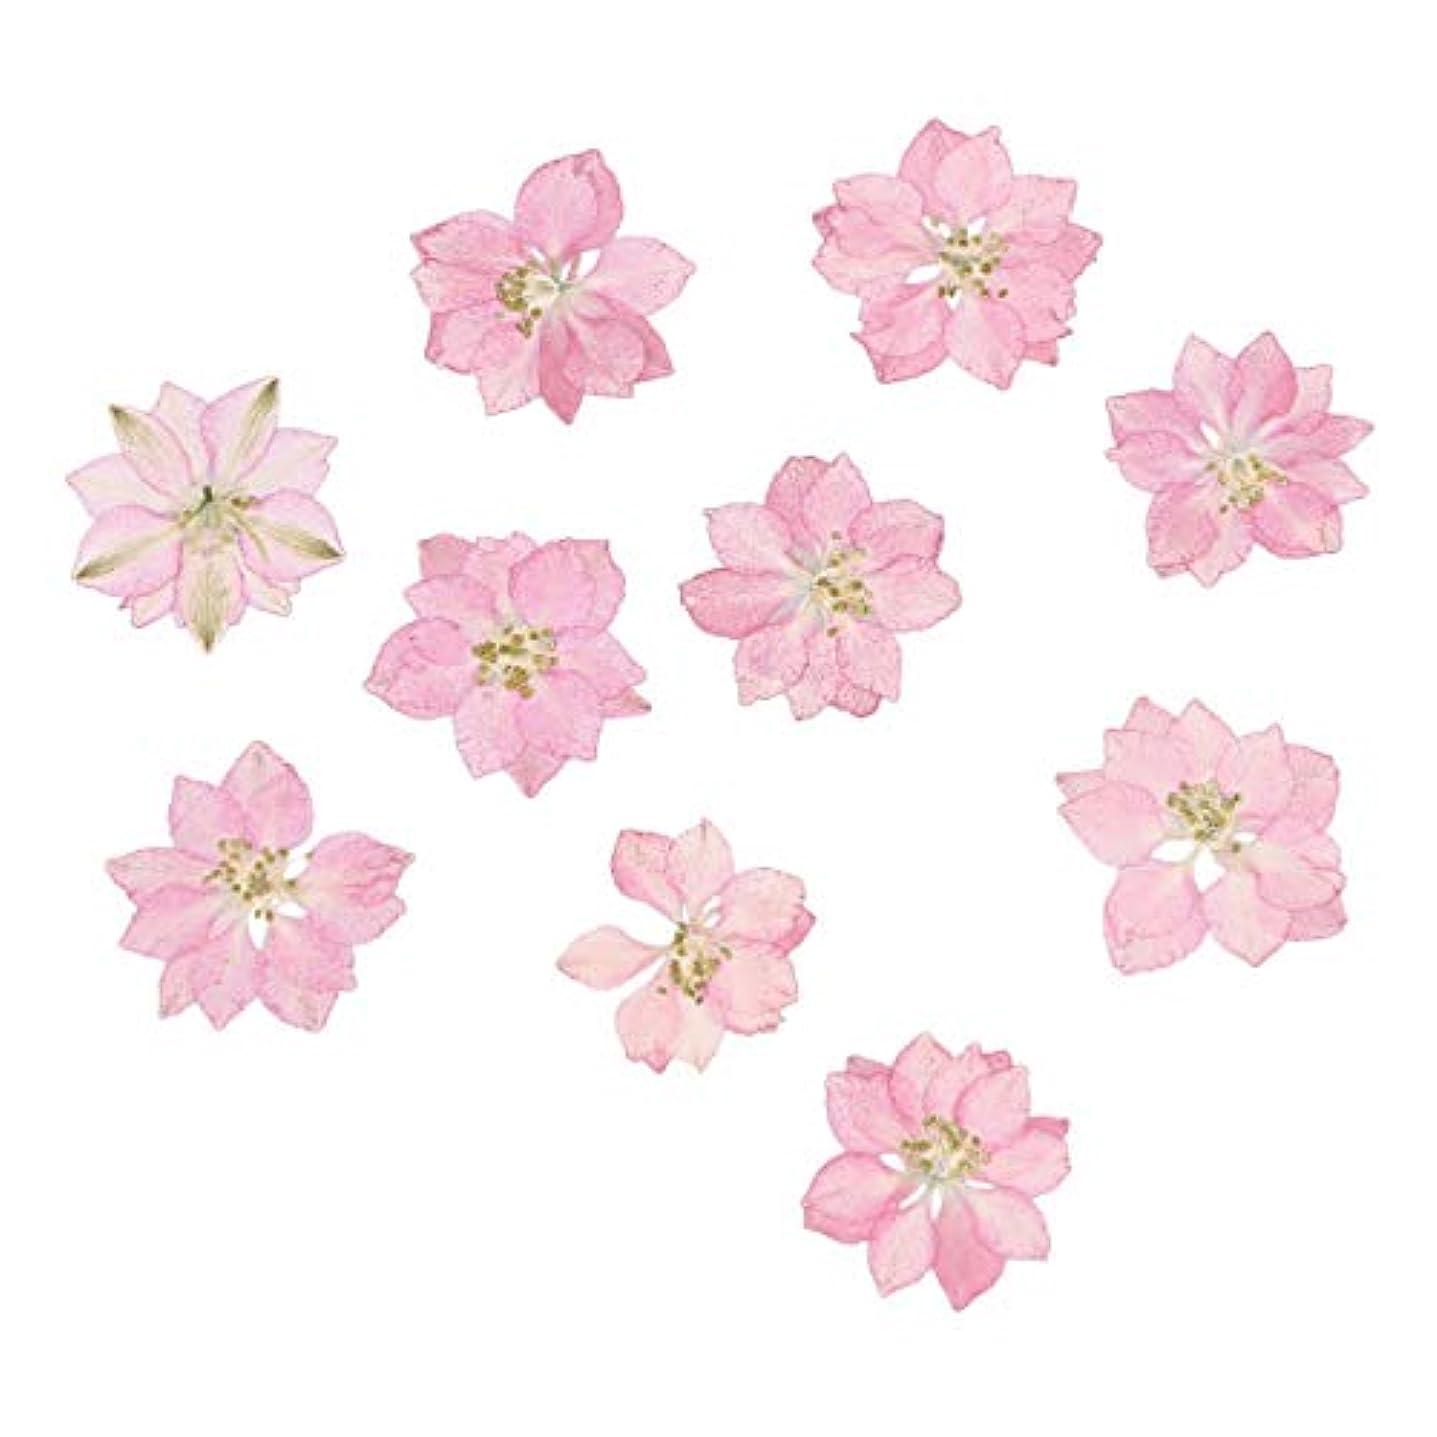 ネイティブ州感じるHEALLILY リアルドライ押花天然花飾り用diyジュエリーペンダント電話ケースカード20ピース